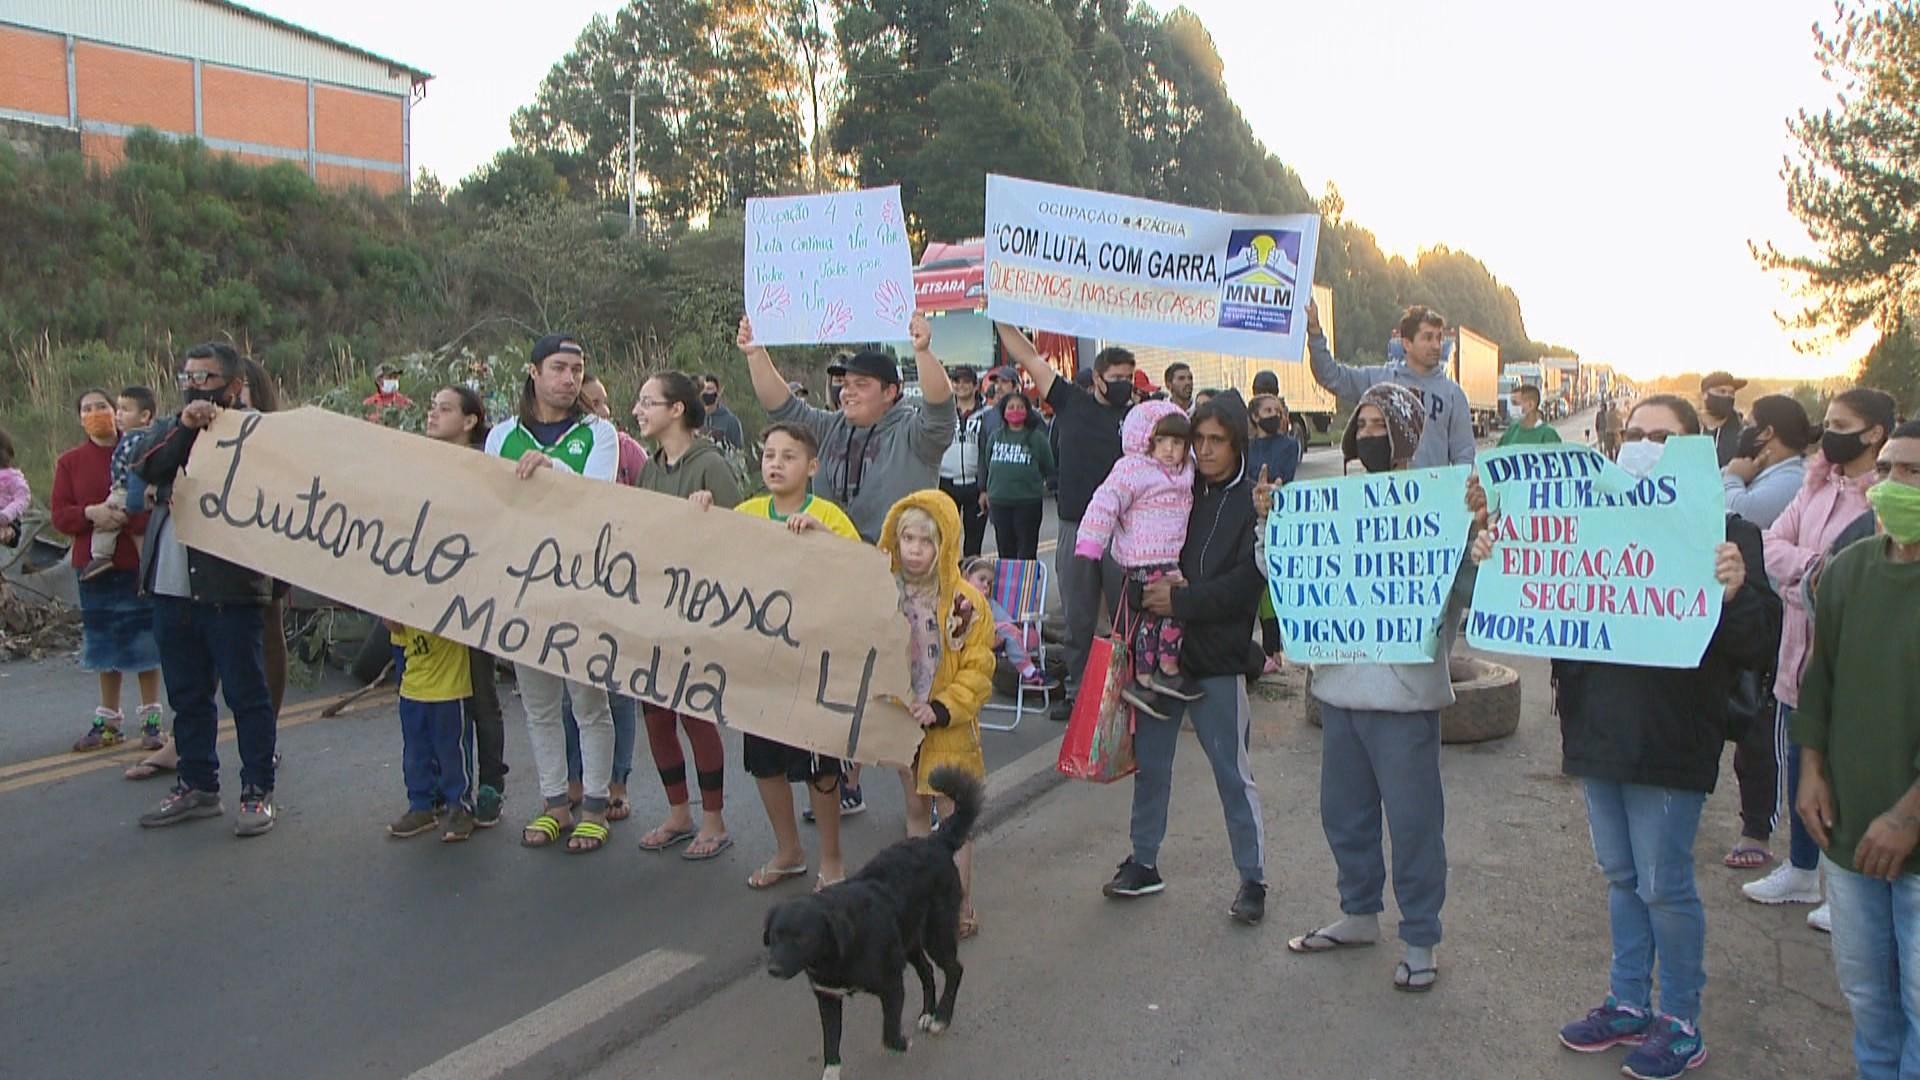 Moradores de ocupação protestam contra reintegração de posse em Passo Fundo